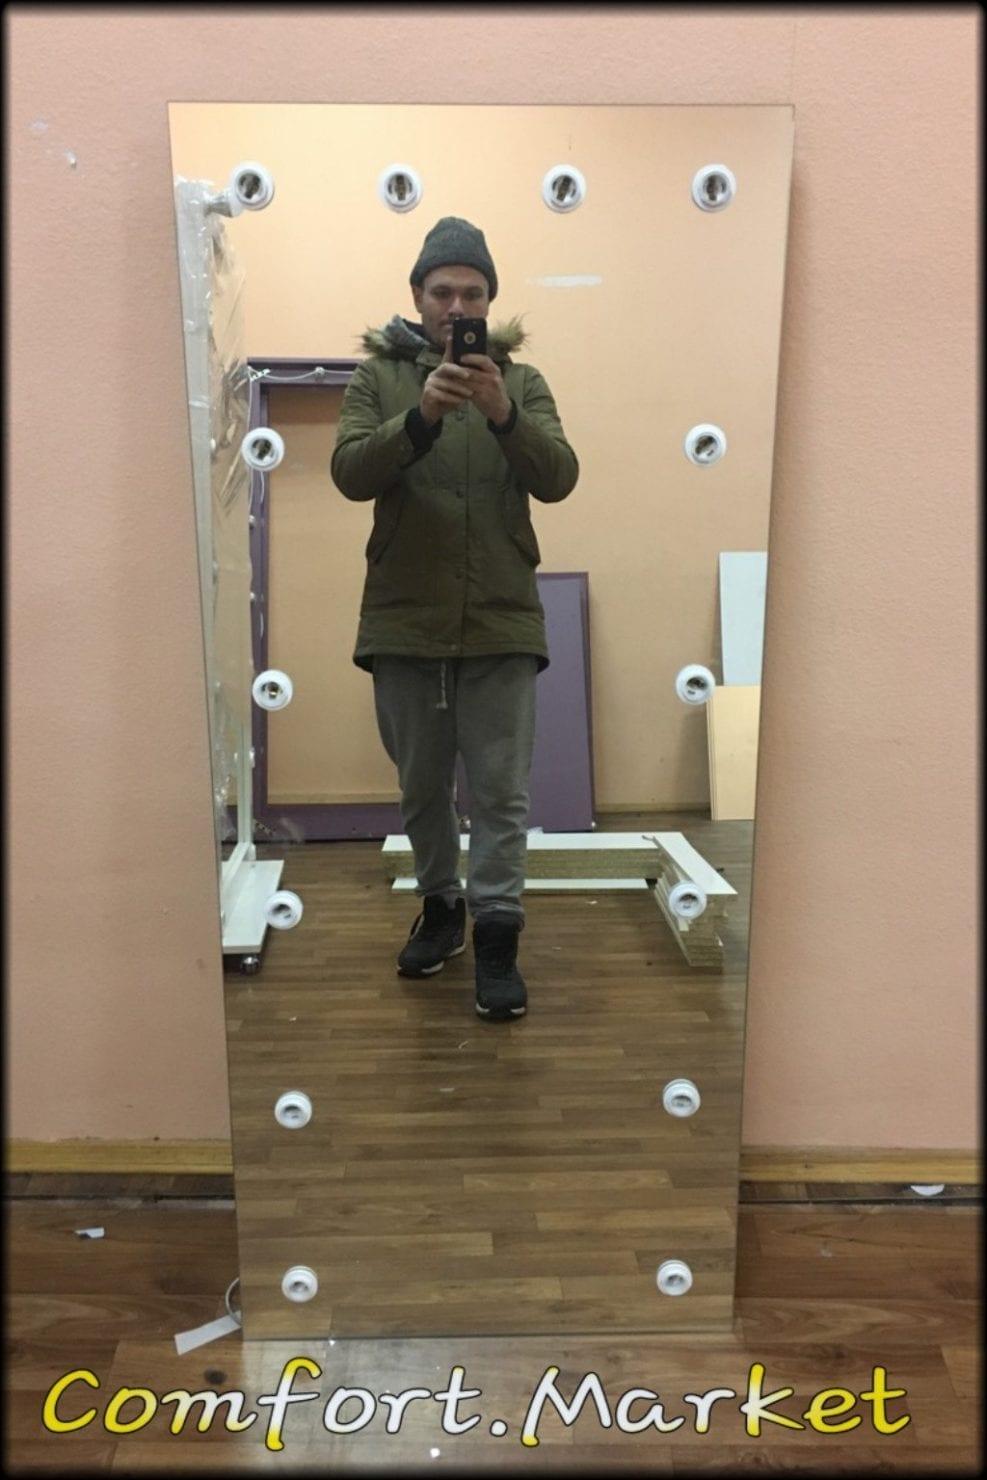 Настенное зеркало без рамки во весь рост человека 180 см, с лампочками